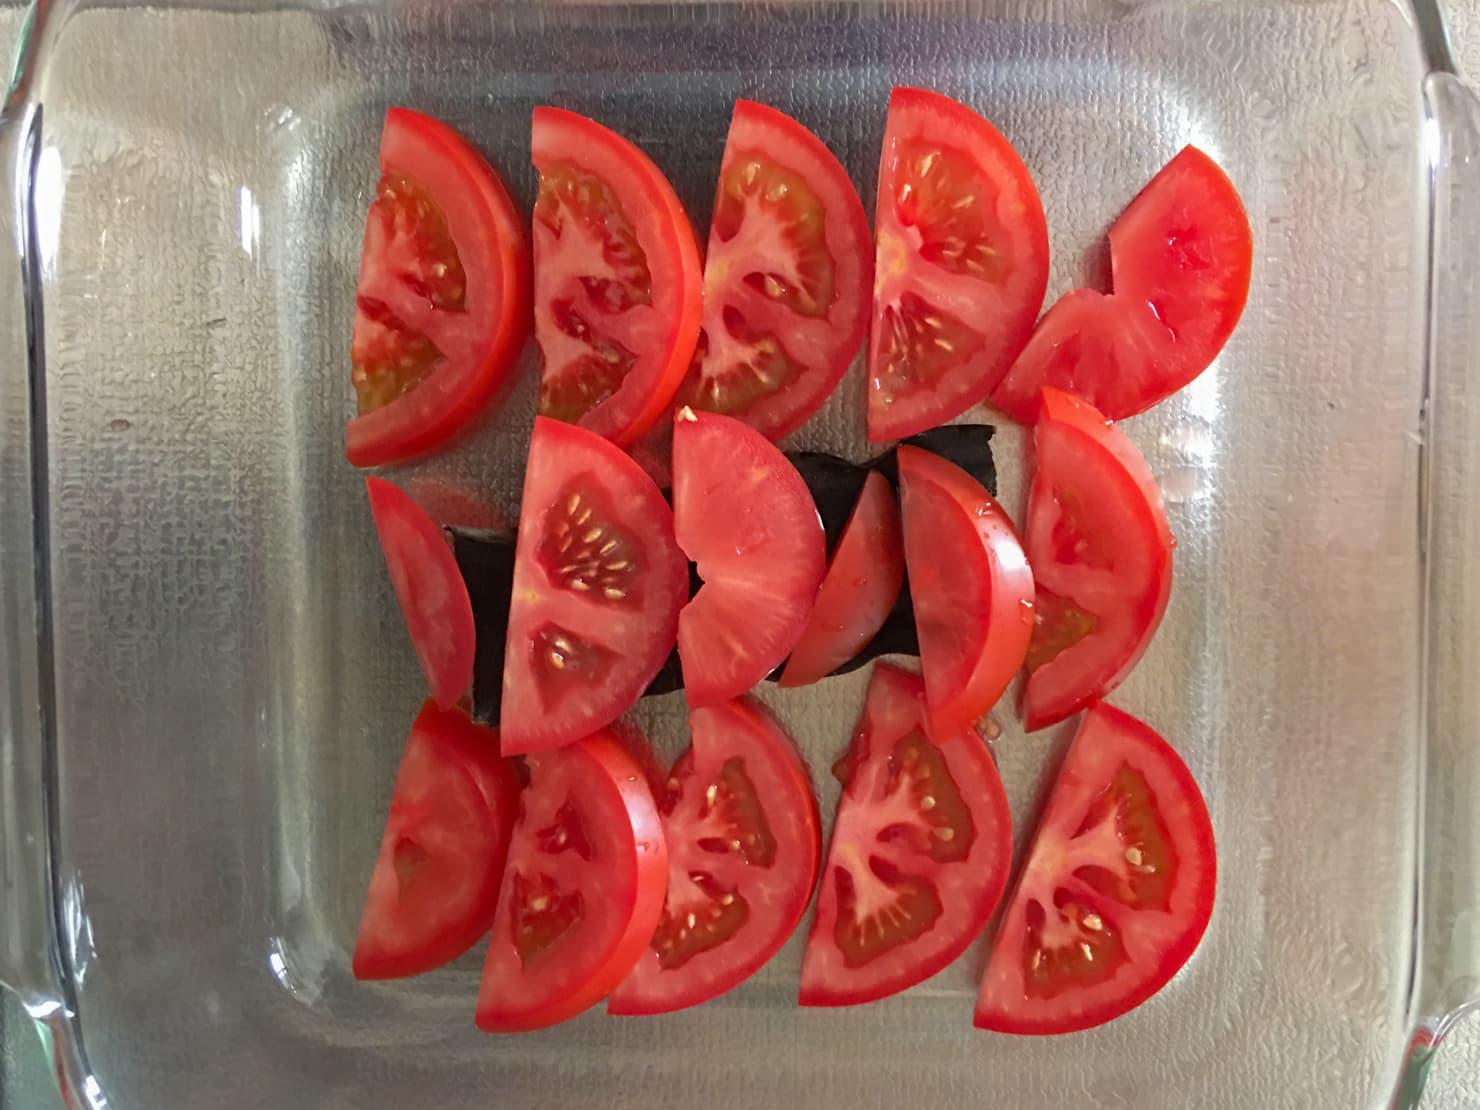 耐熱皿に昆布・トマトを並べた写真